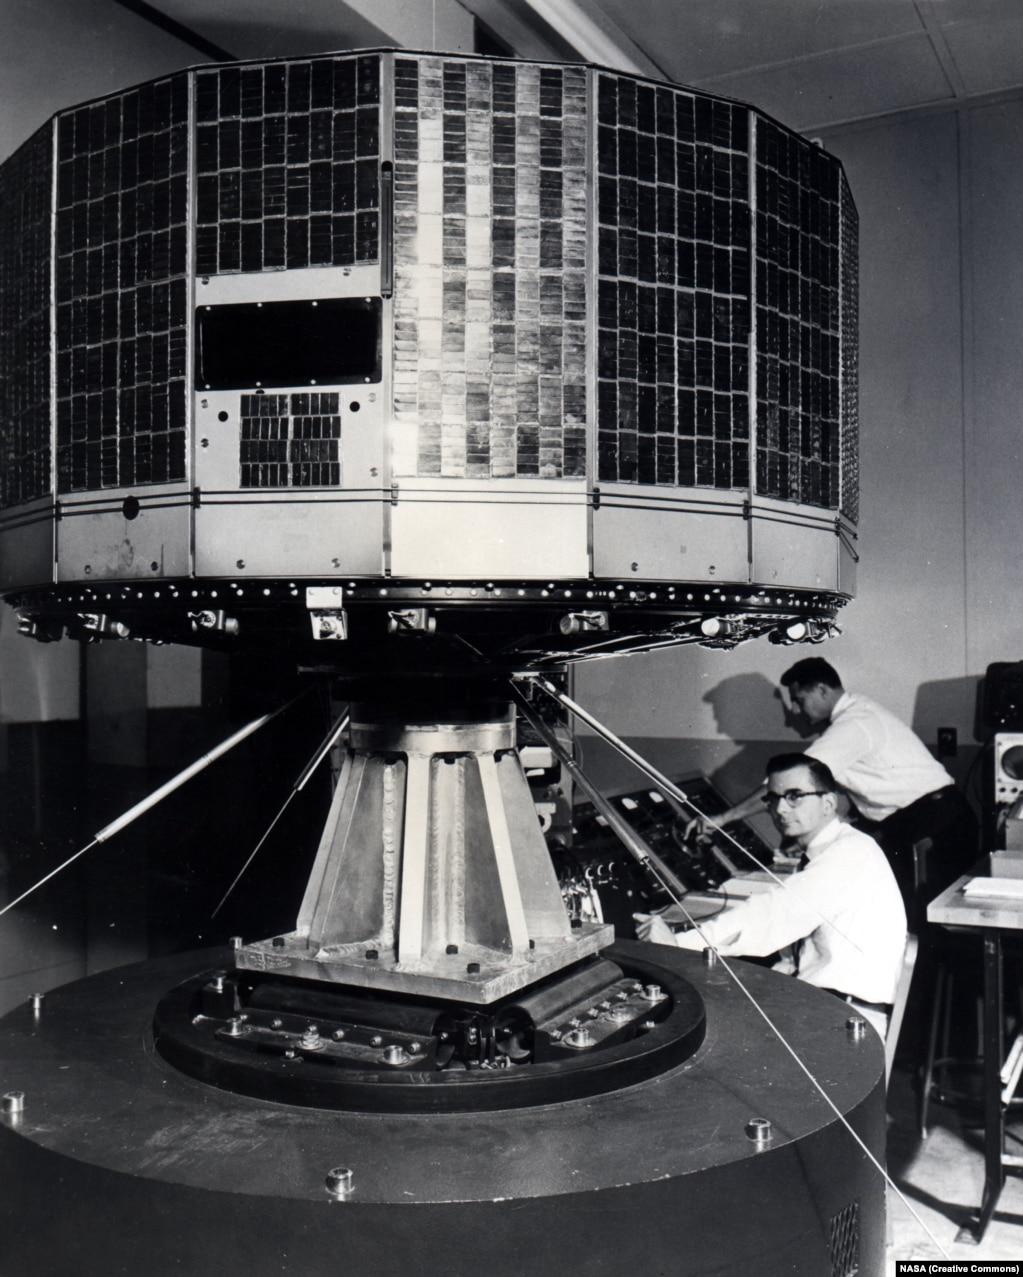 Принадлежащий НАСА метеоспутник Tiros 1 был запущен в 1960 году. На фотографии его трясут во время испытаний, чтобы понять, перенесет ли дорогу оборудование. Tiros – первая попытка создать спутник для прогноза погоды. Он был оборудован двумя камерами, которые посылали сводки в центр управления полетом на Земле.